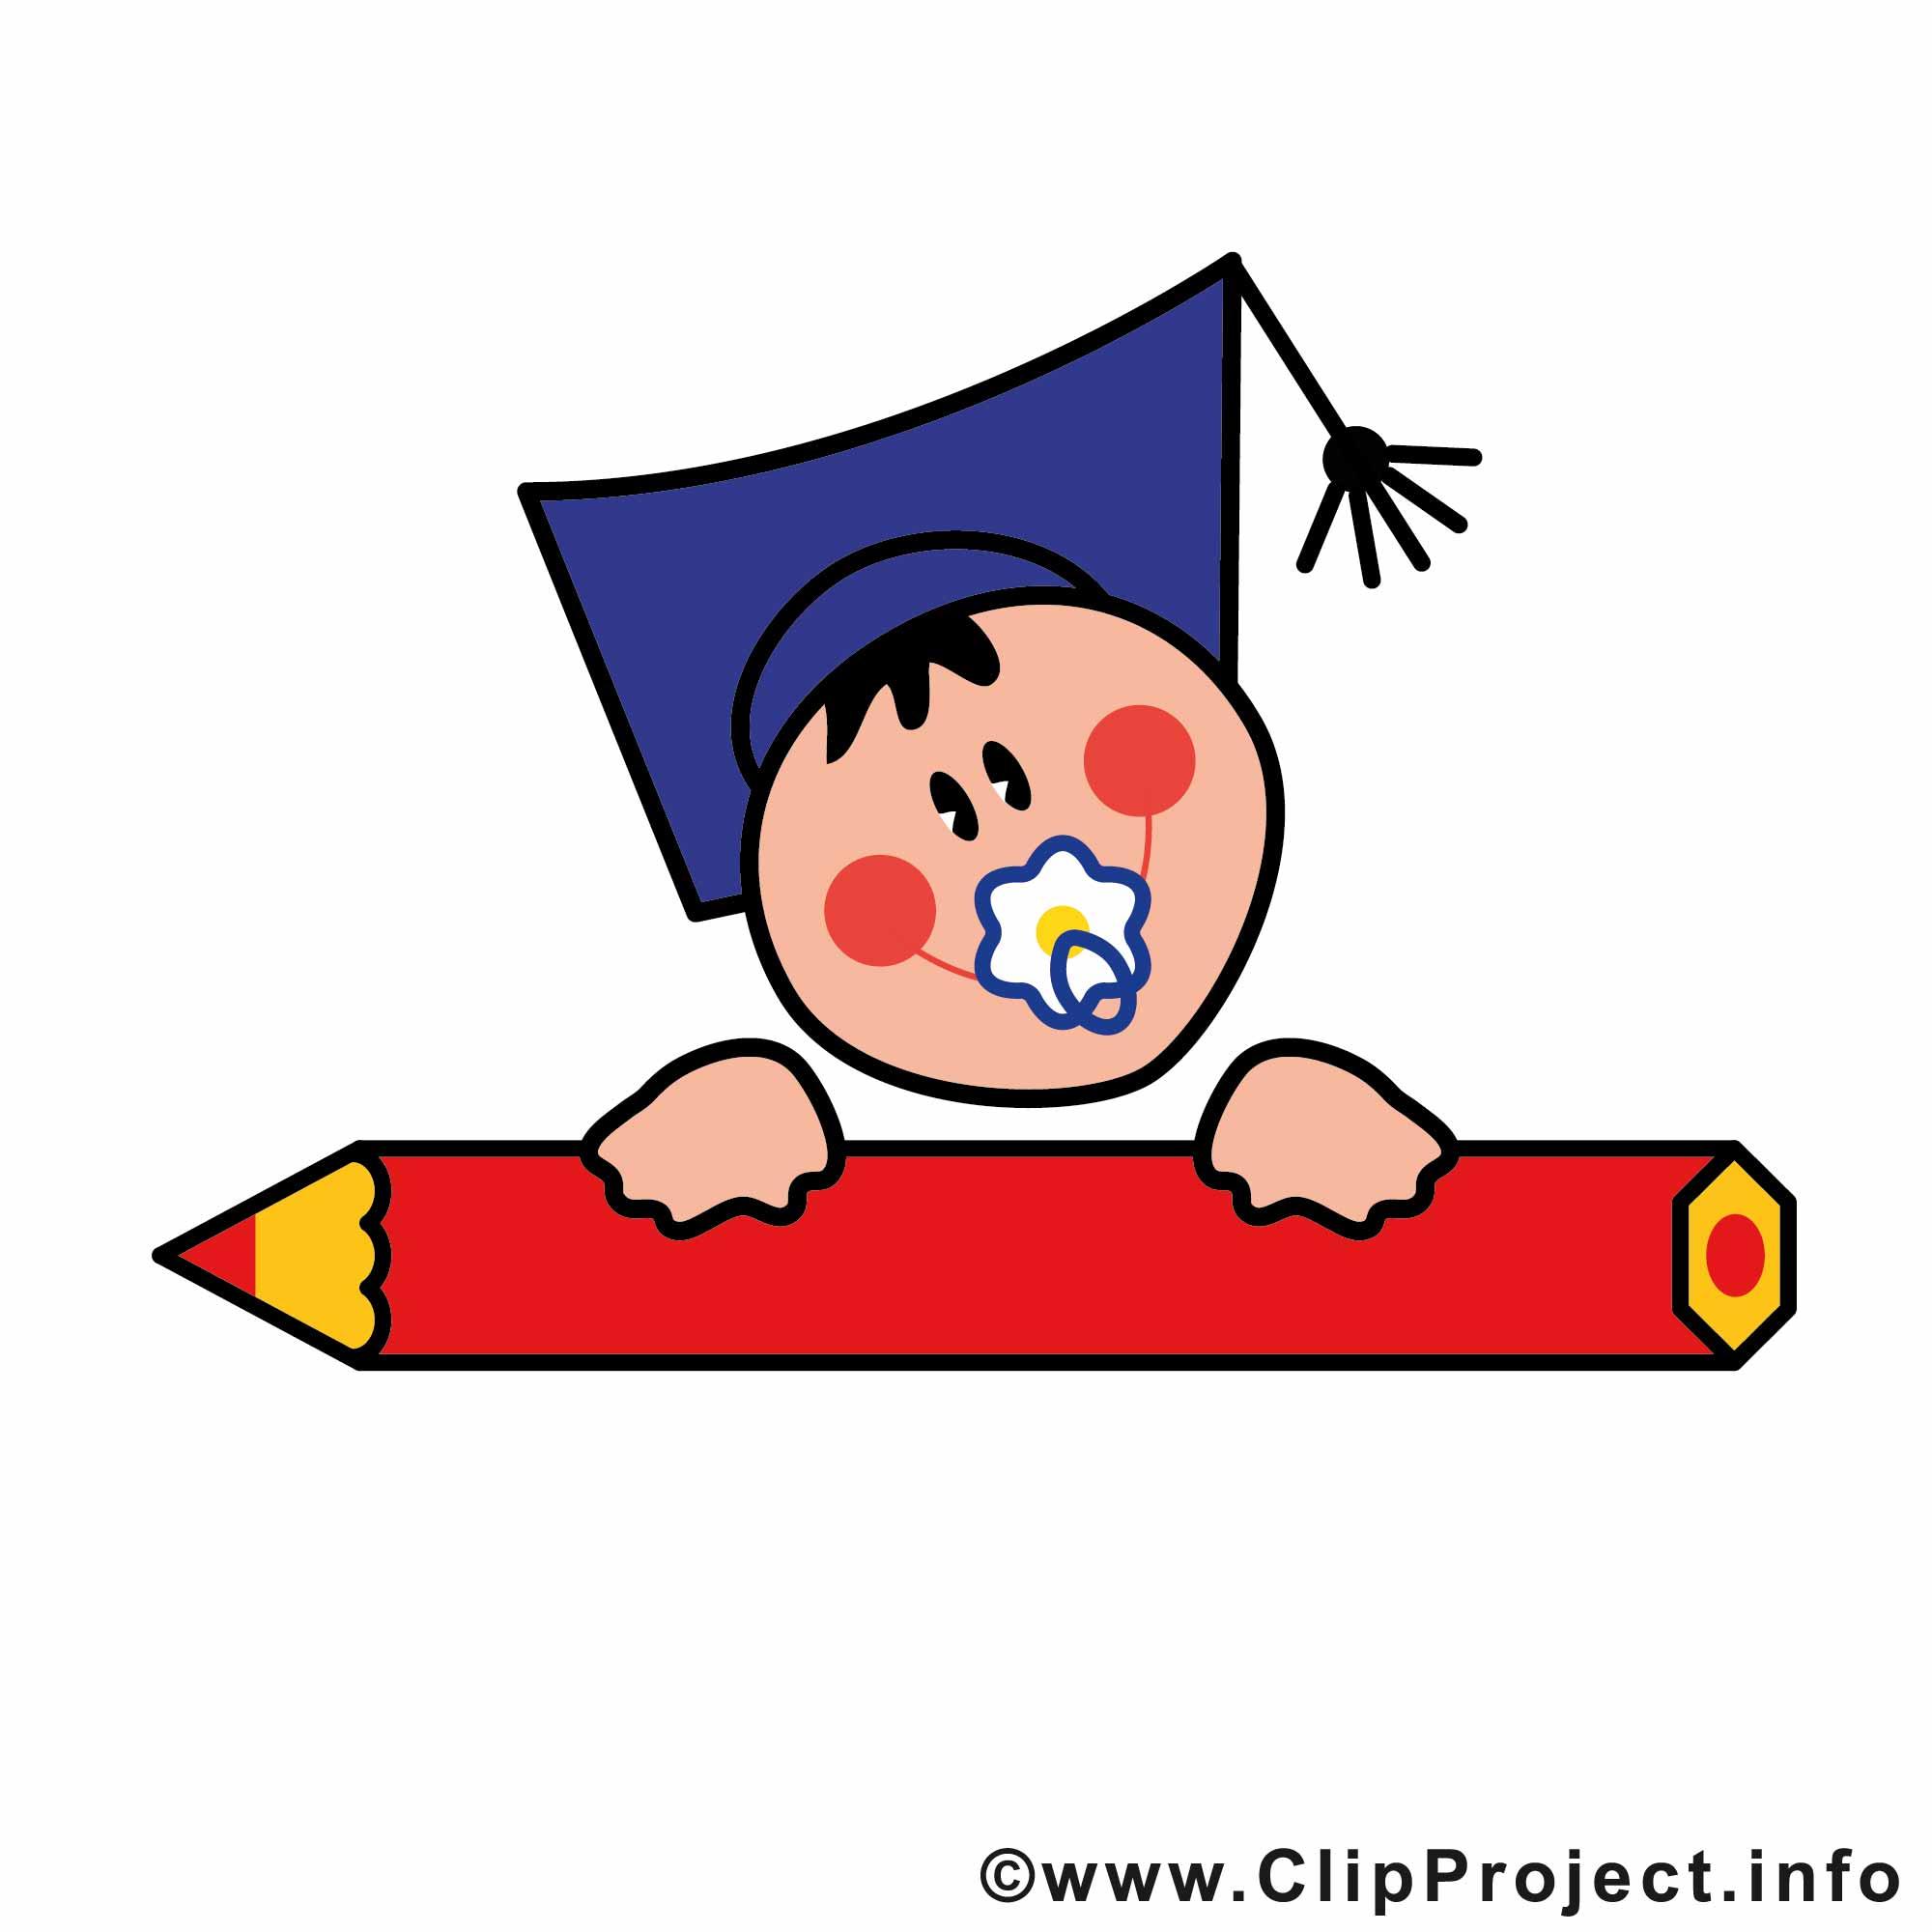 Abschied clipart schule vector library download Schule Bilder, Cliparts, Cartoons, Grafiken, Illustrationen, Gifs ... vector library download